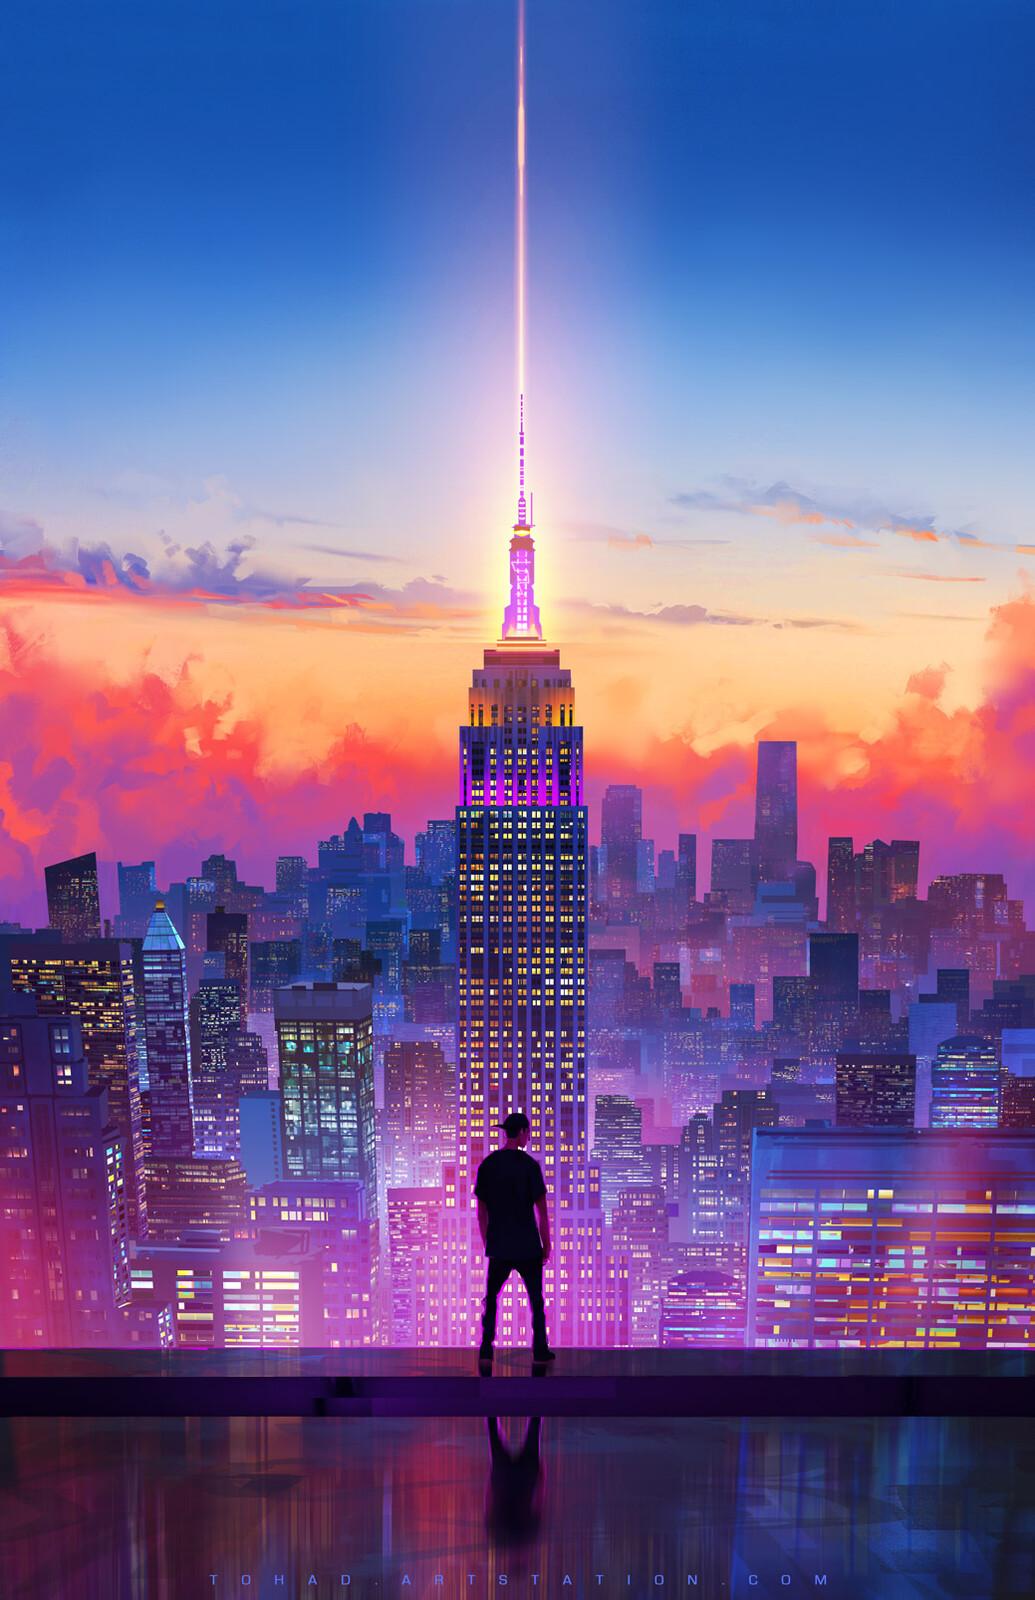 Illenium new york tour